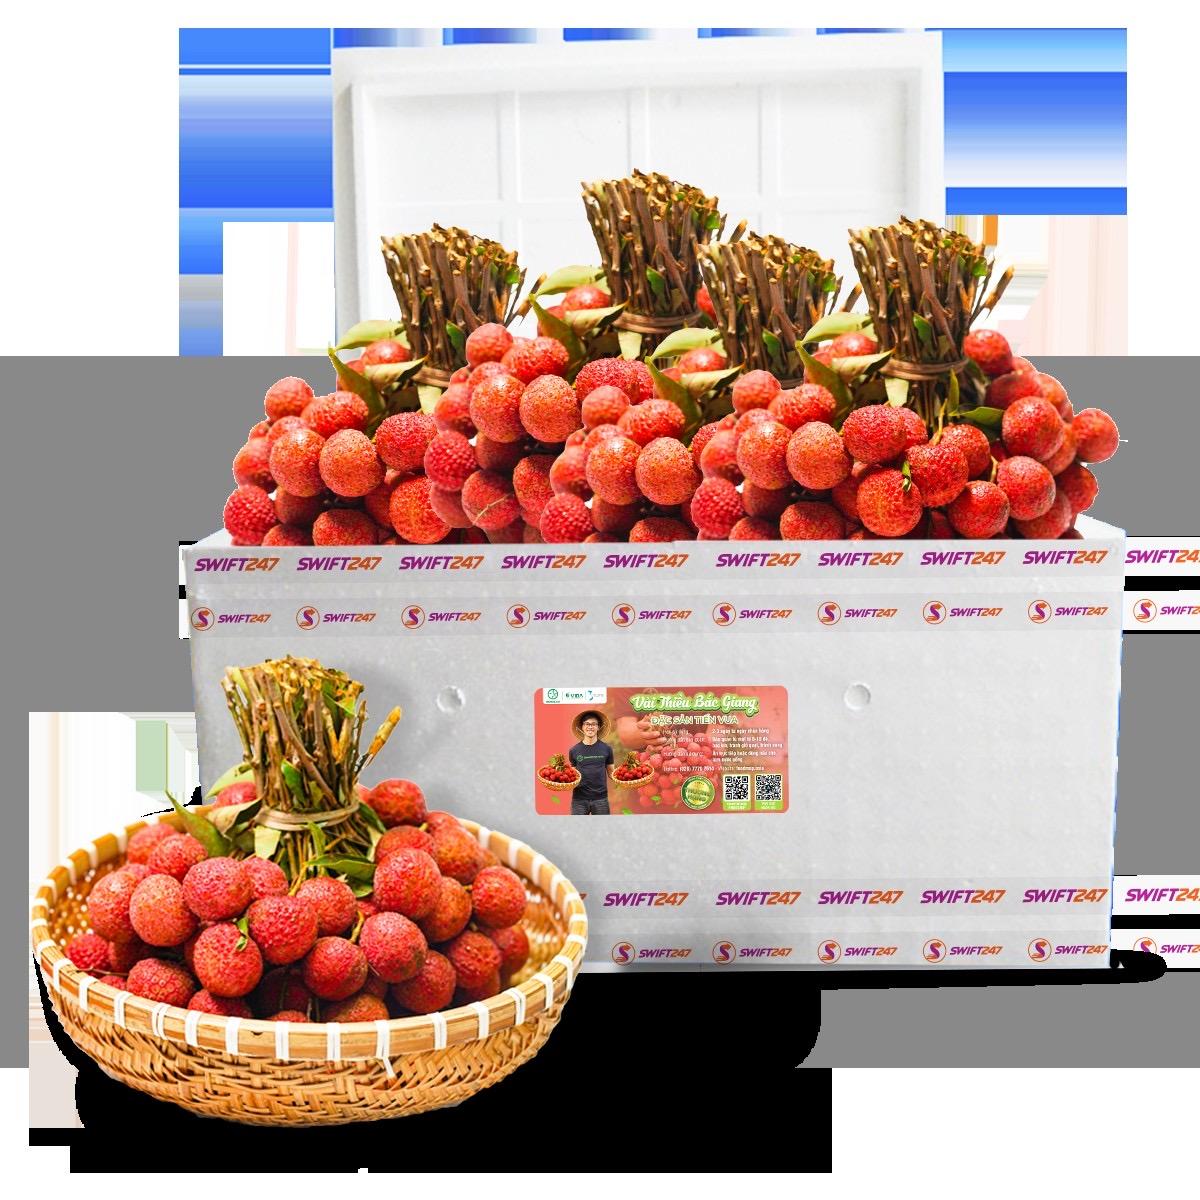 Chung tay hỗ trợ nông dân Bắc Giang, Vietjet & Swift247 vận chuyển vải thiều tới nhiều thị trường trong nước và quốc tế - Ảnh 1.